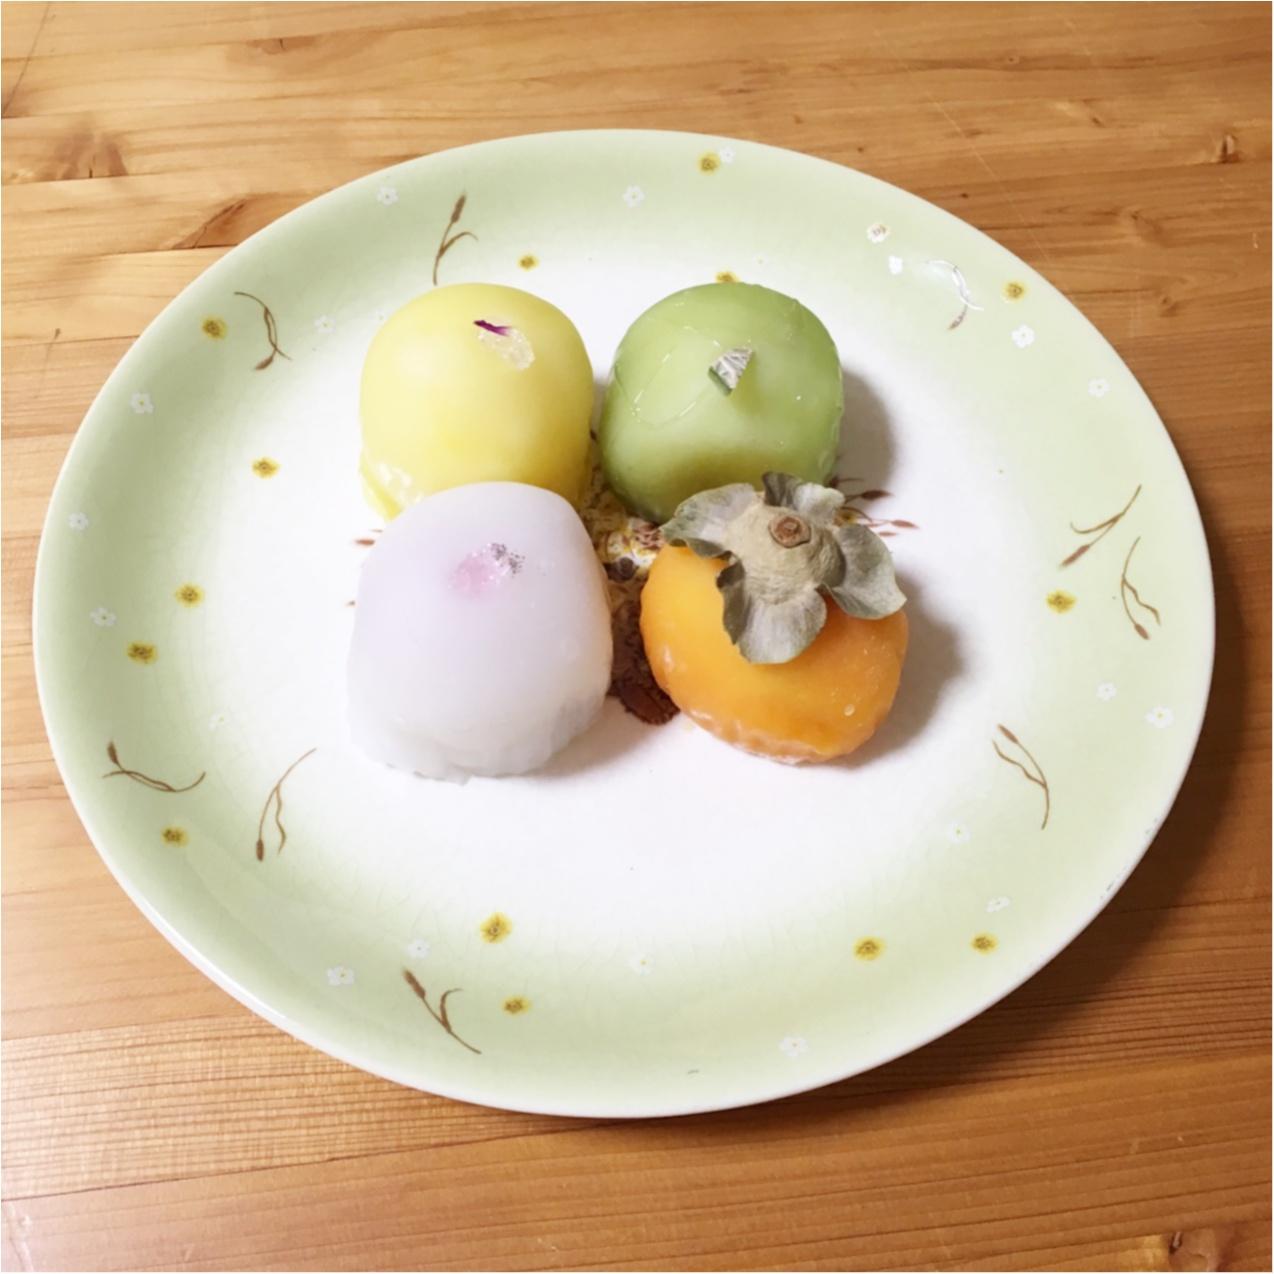 完熟フルーツを使った 《 松竹堂のフルーツ大福 》が美味しい ♡_1